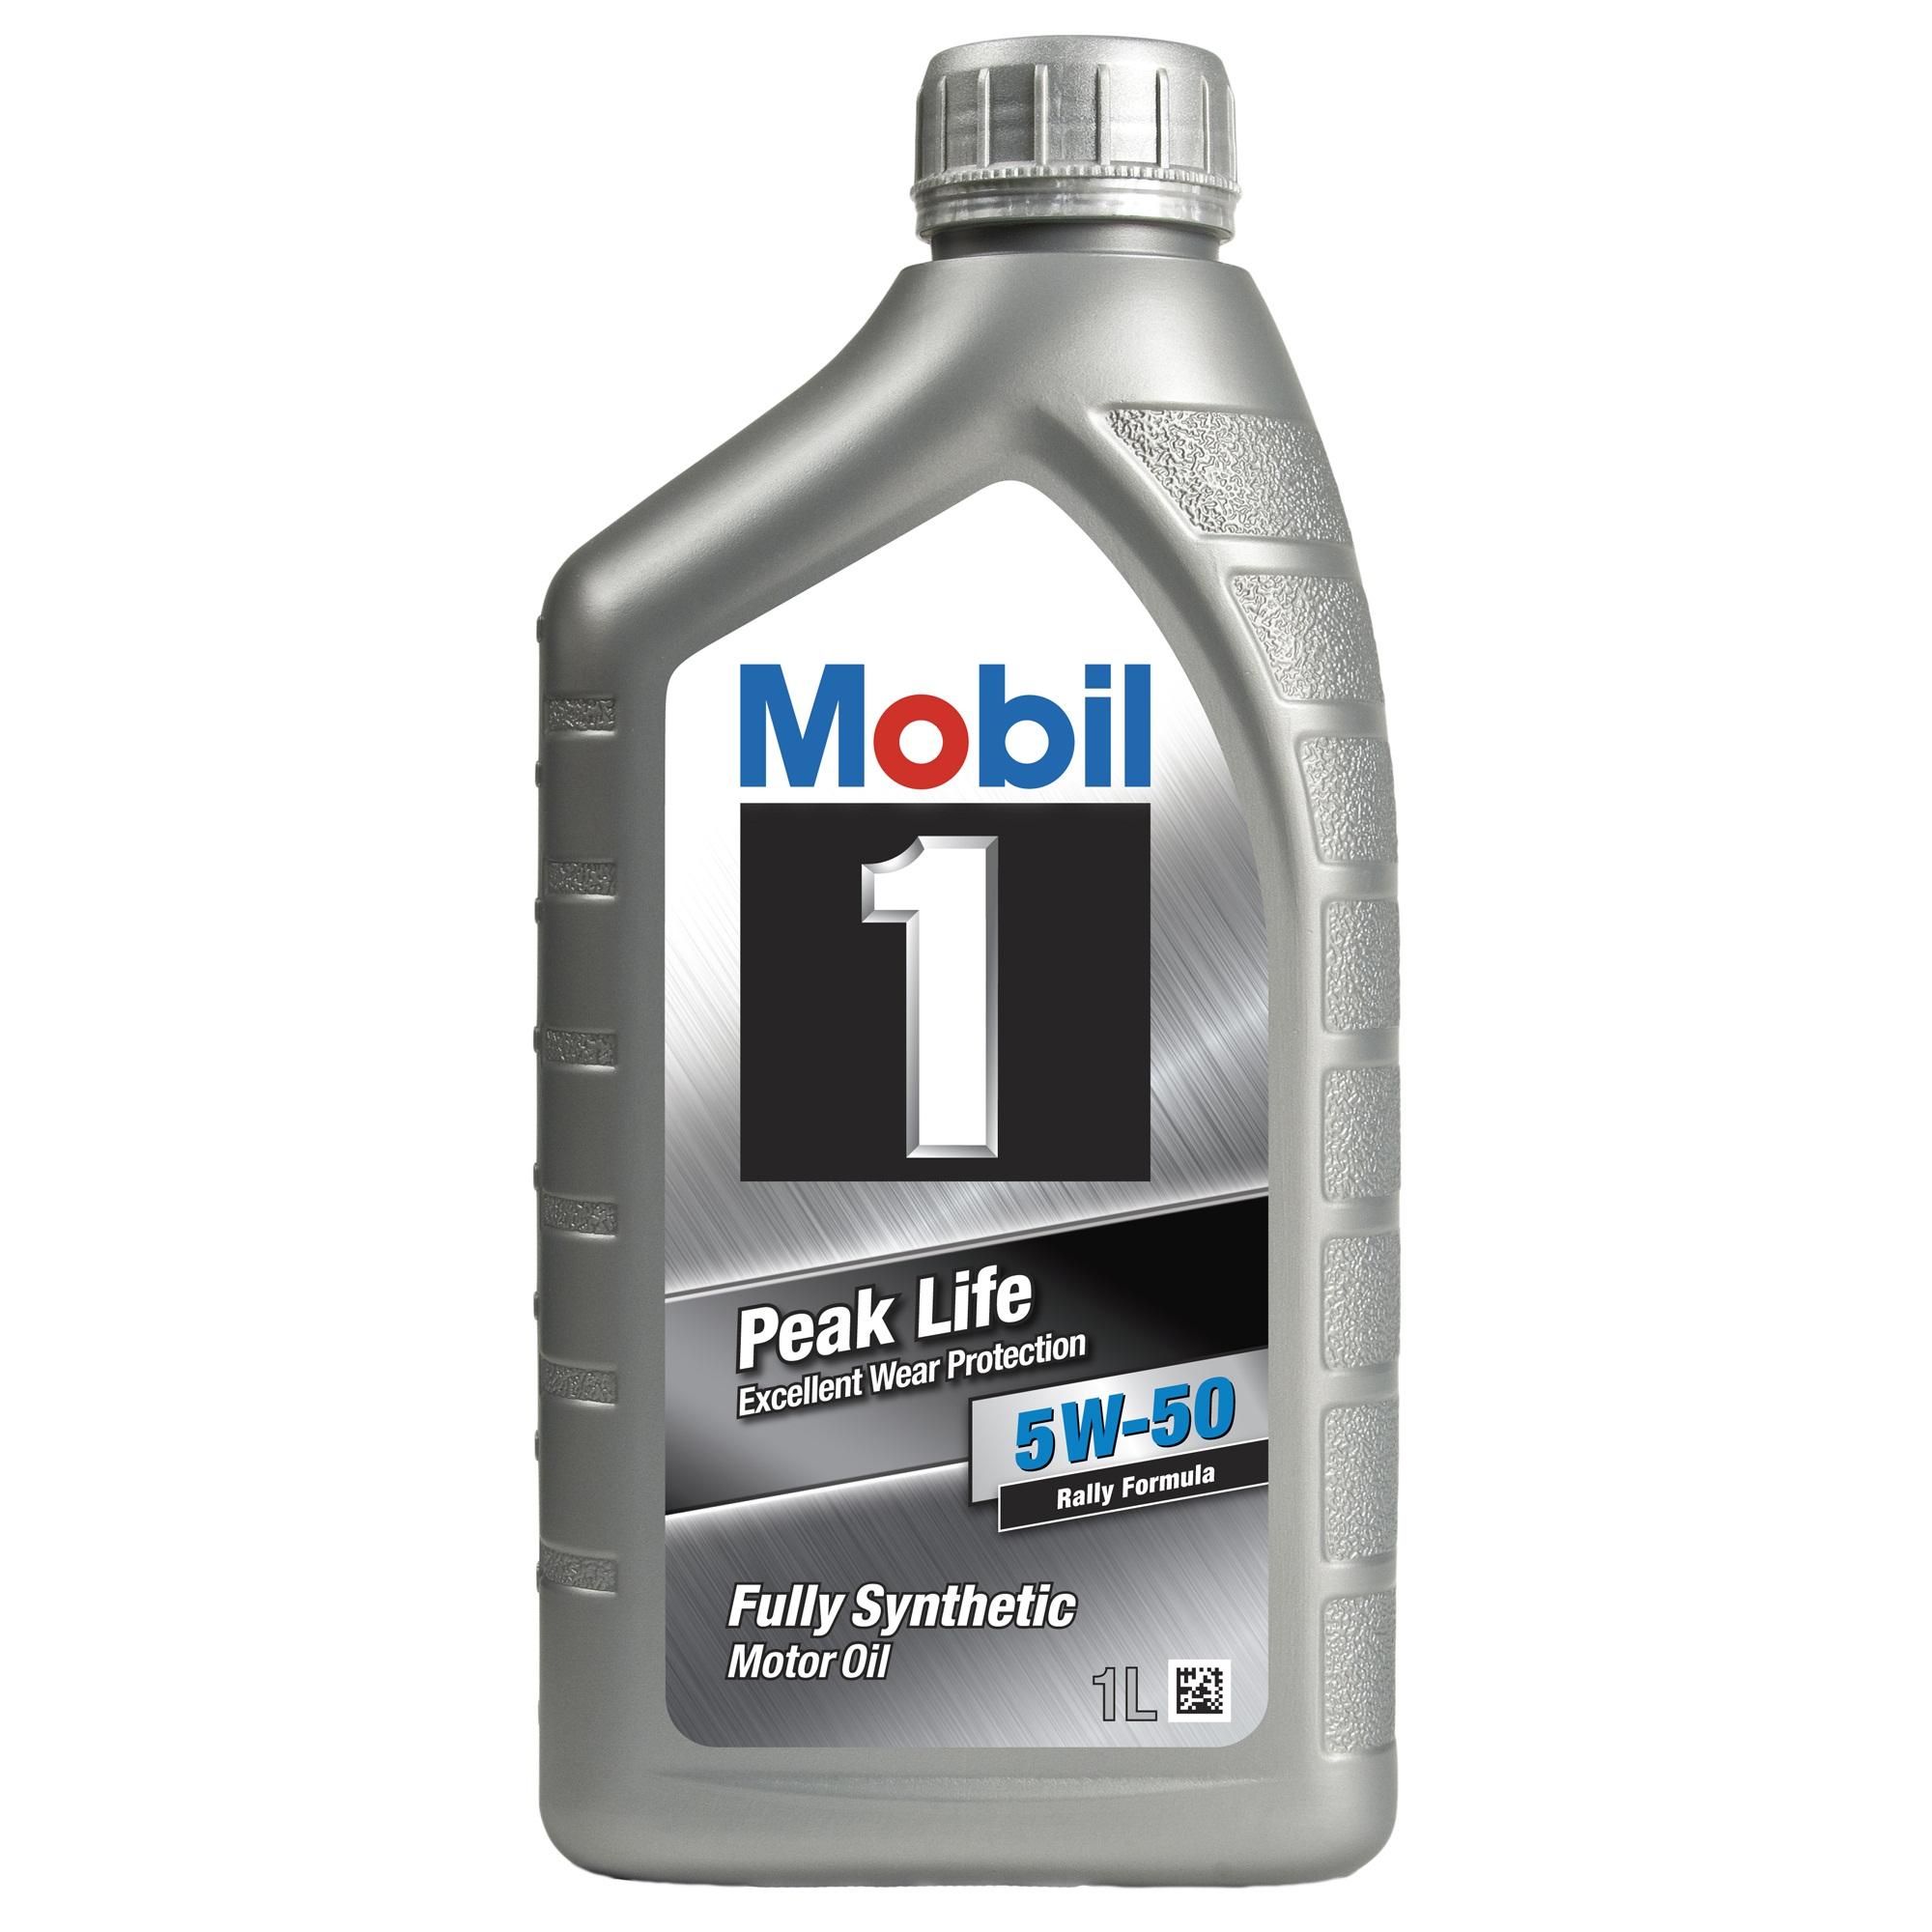 ULEI MOTOR MOBIL 1 PEAK LIFE 5W50 1L